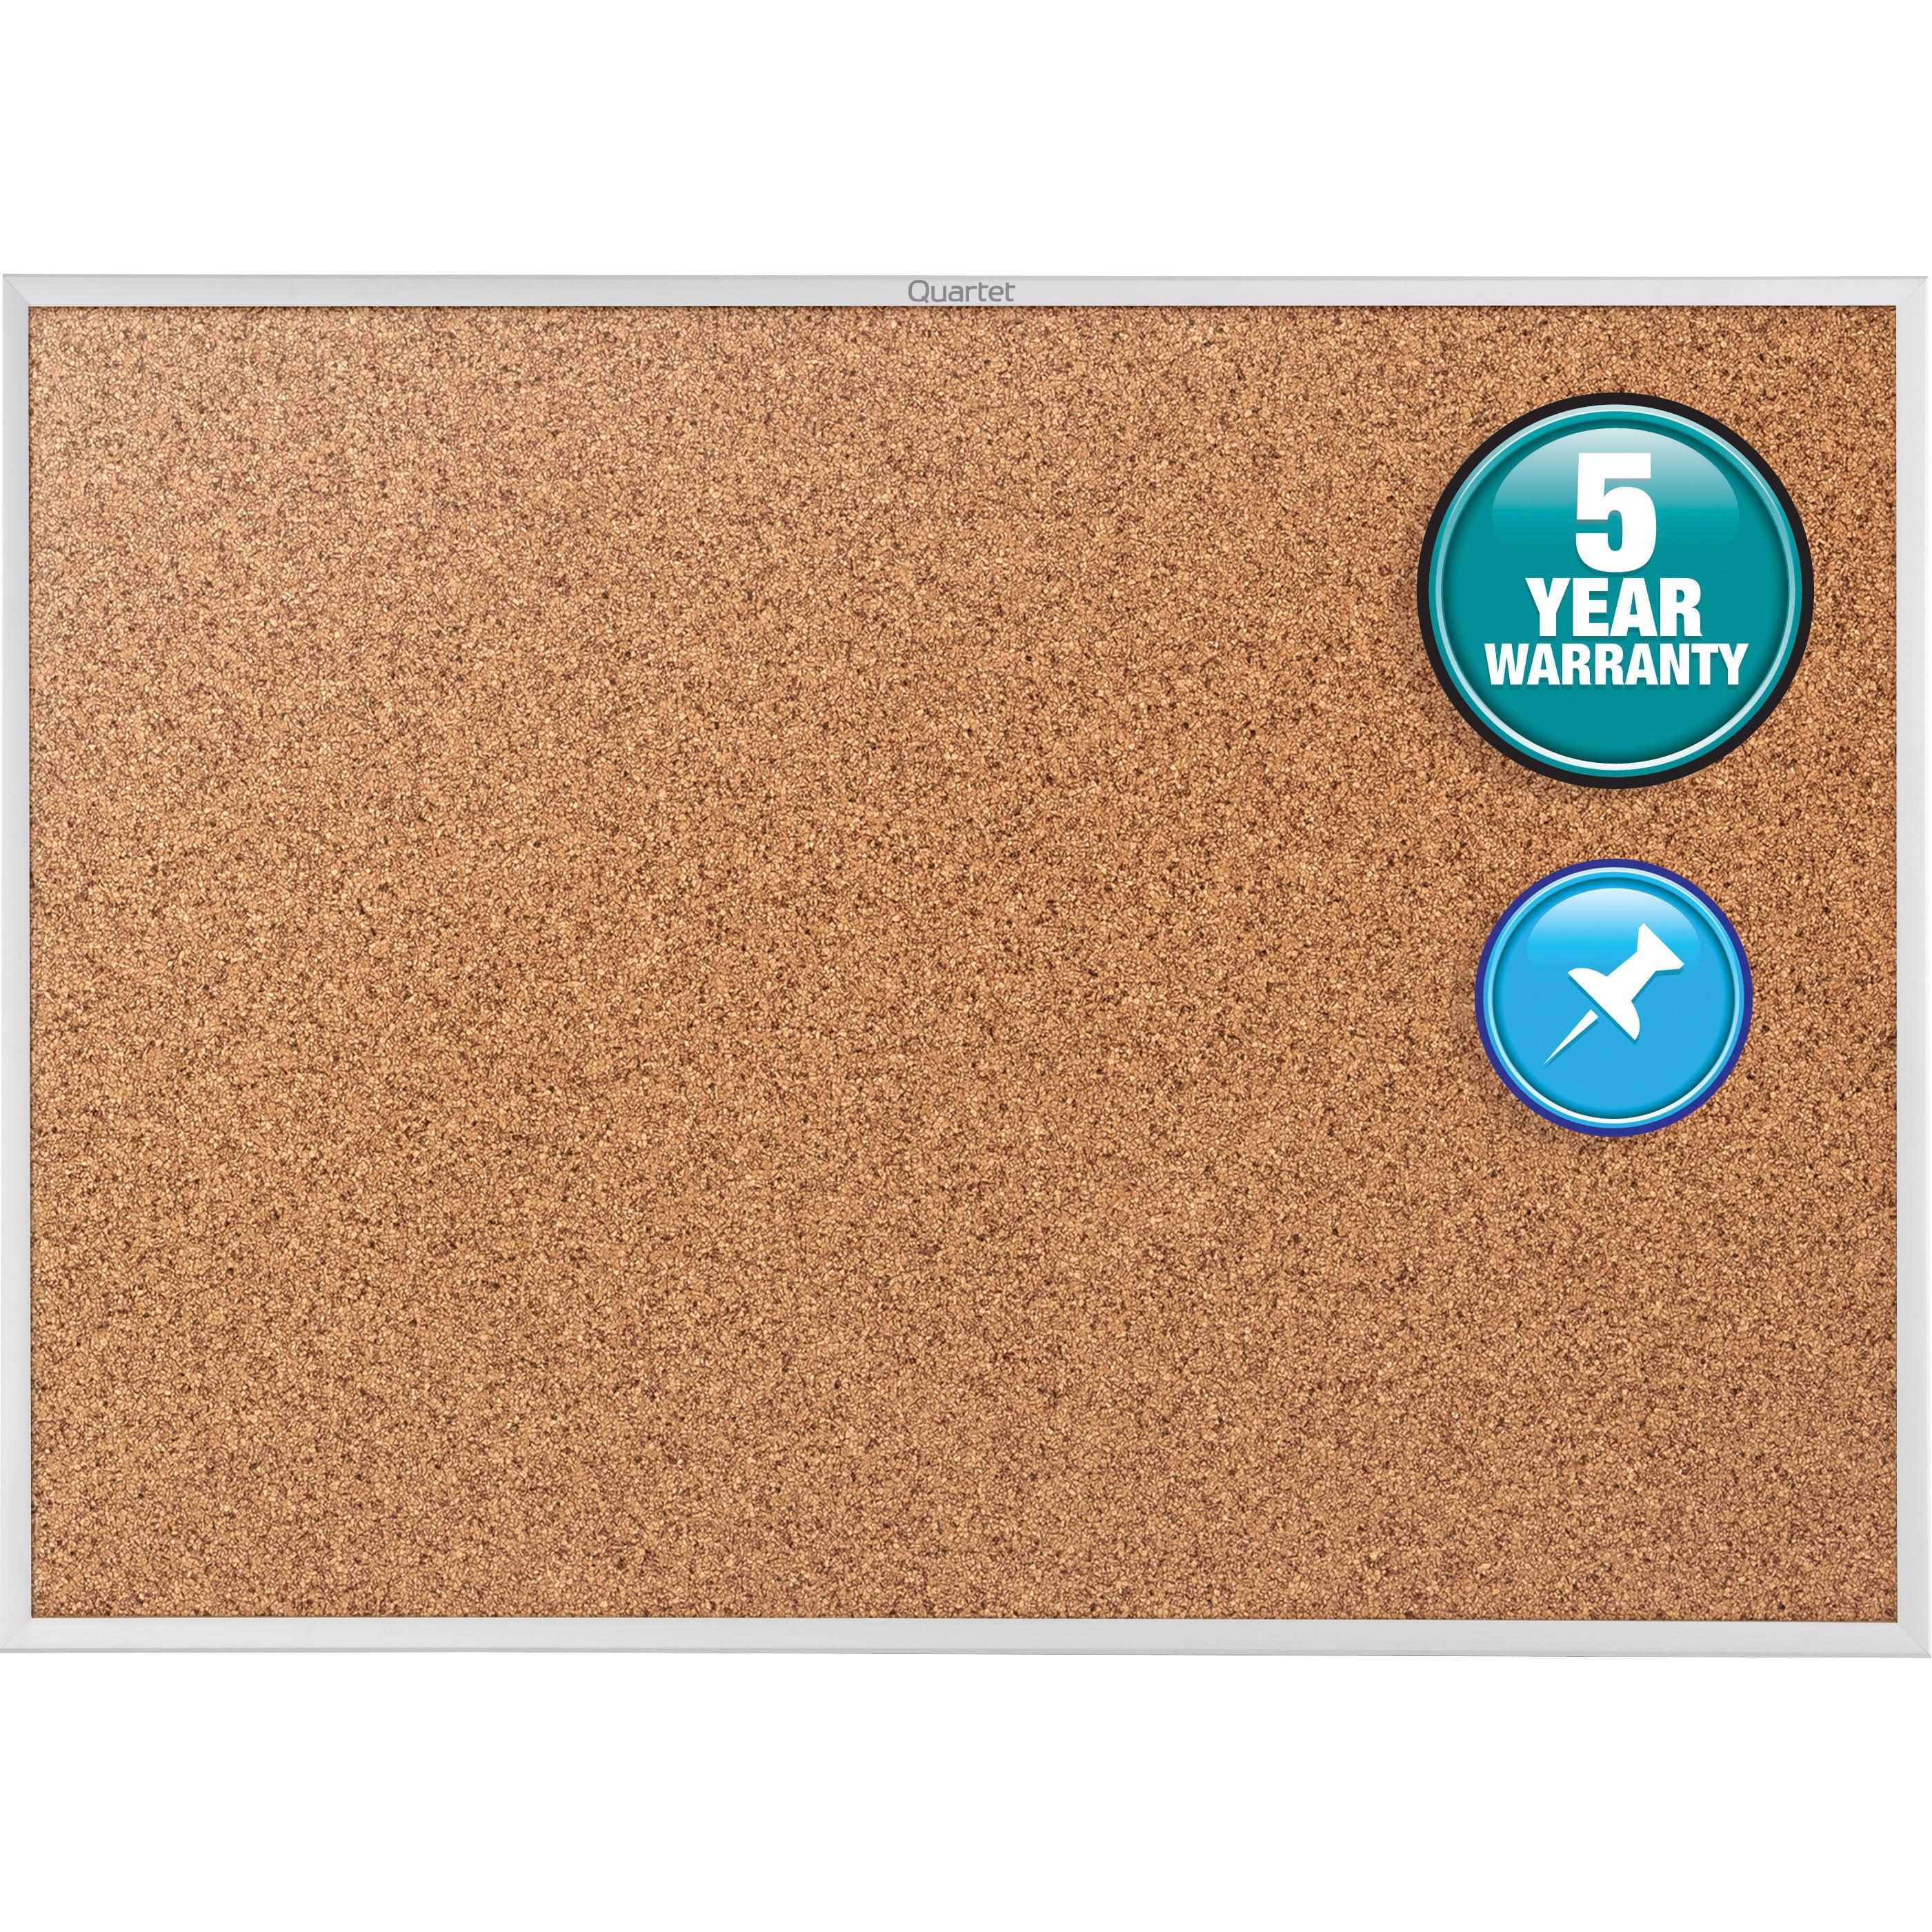 Quartet Classic Cork Bulletin Board, 4' x 3', Silver Aluminum Frame (2304)